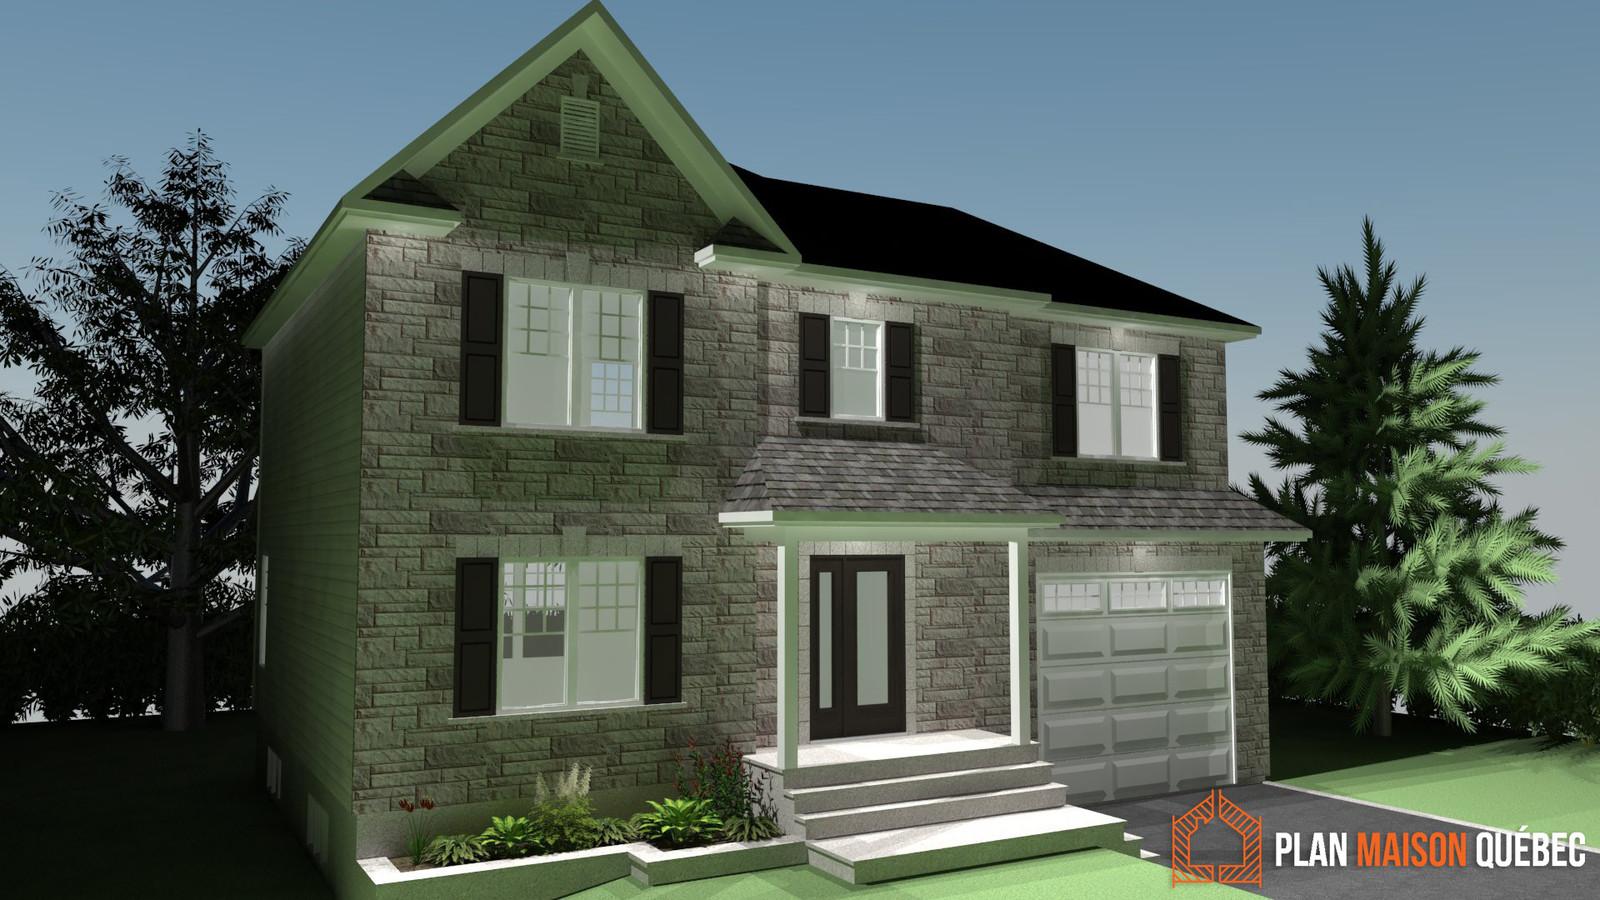 Plan maison qu bec plan de construction partout au qu bec for Extension maison quebec